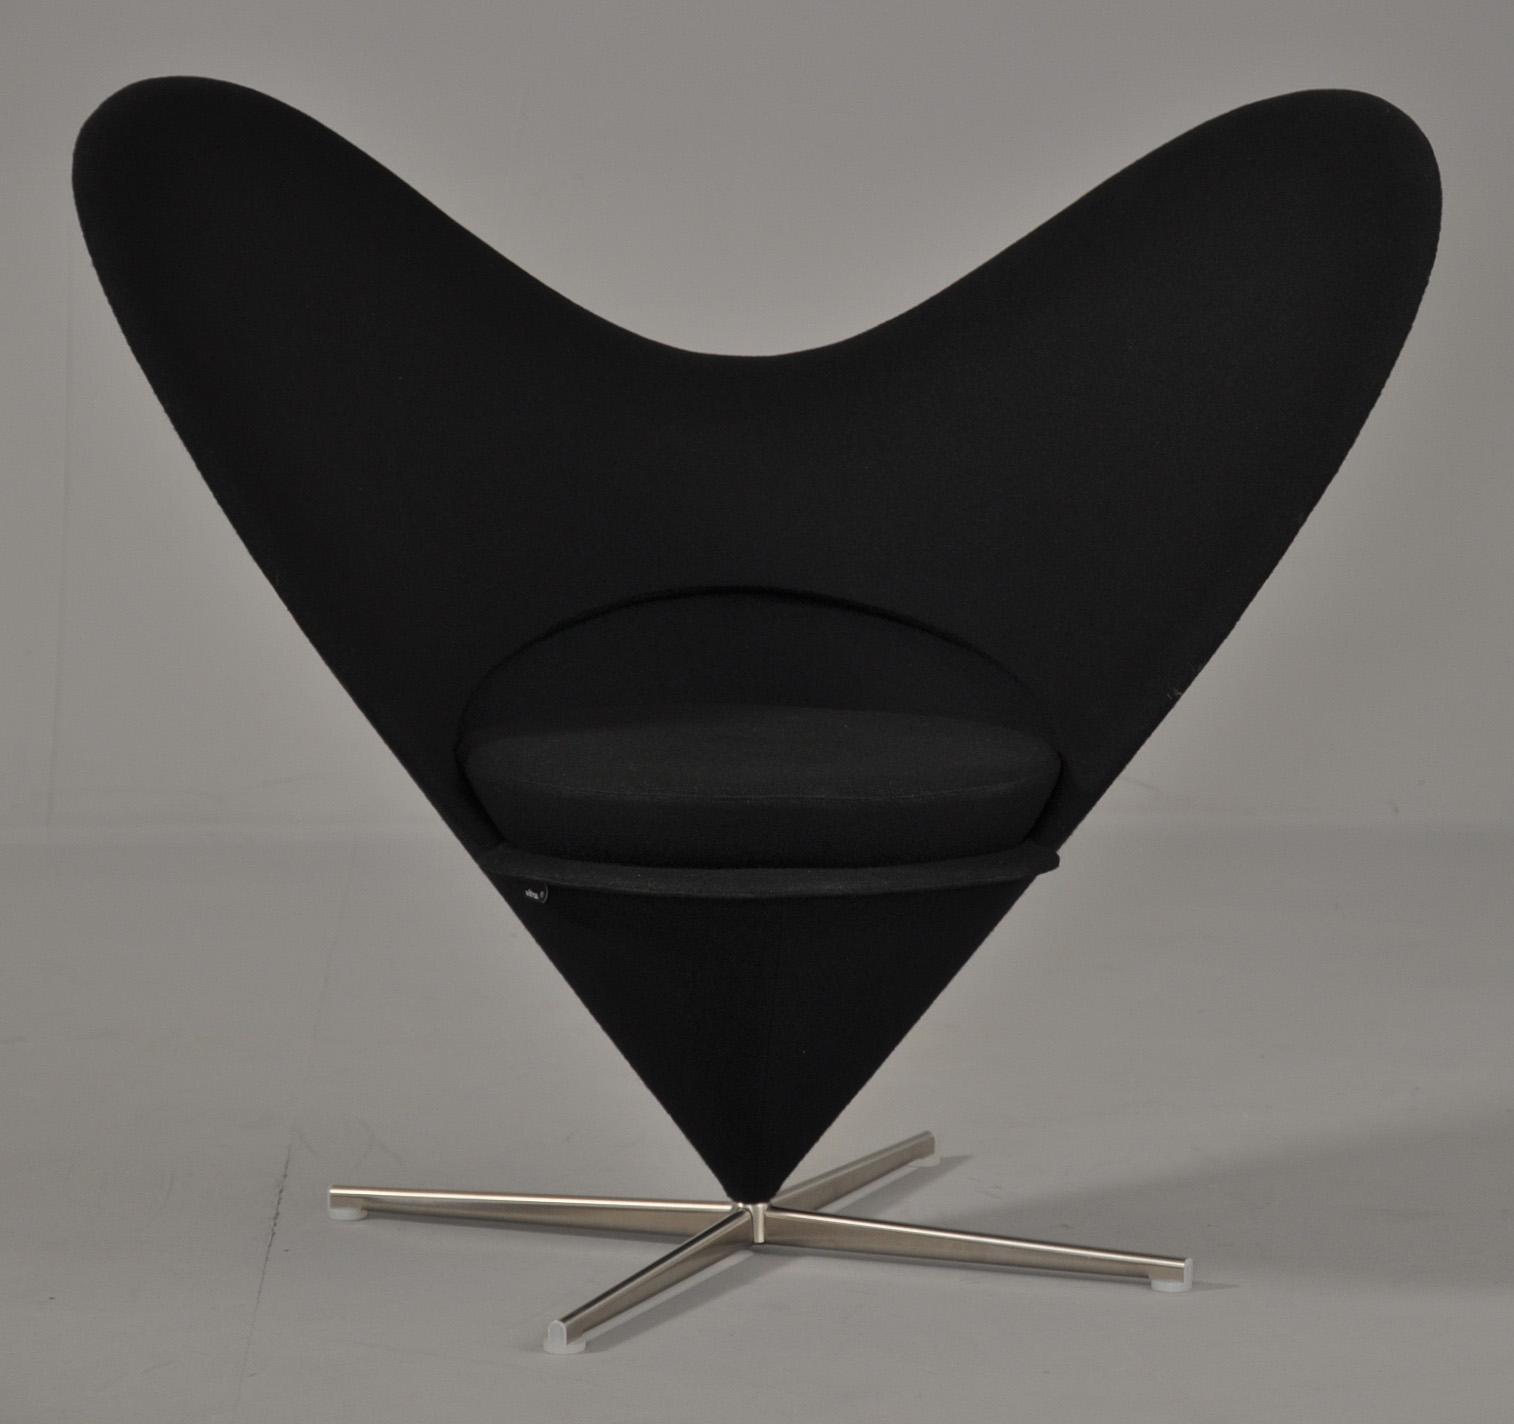 Verner Panton. Heart Cone Chair / Hjertestol - Verner Panton 1926-1998. Heart Cone Chair / Hjertestol original betrukket med sort uld, drejesokkel. Firpasfod af metal. Formgivet i 1959. Fremstillet ved Vitra. Lit: Verner Panton, The Collected Works, Vitra Design Museum, gengivet s.30-34....